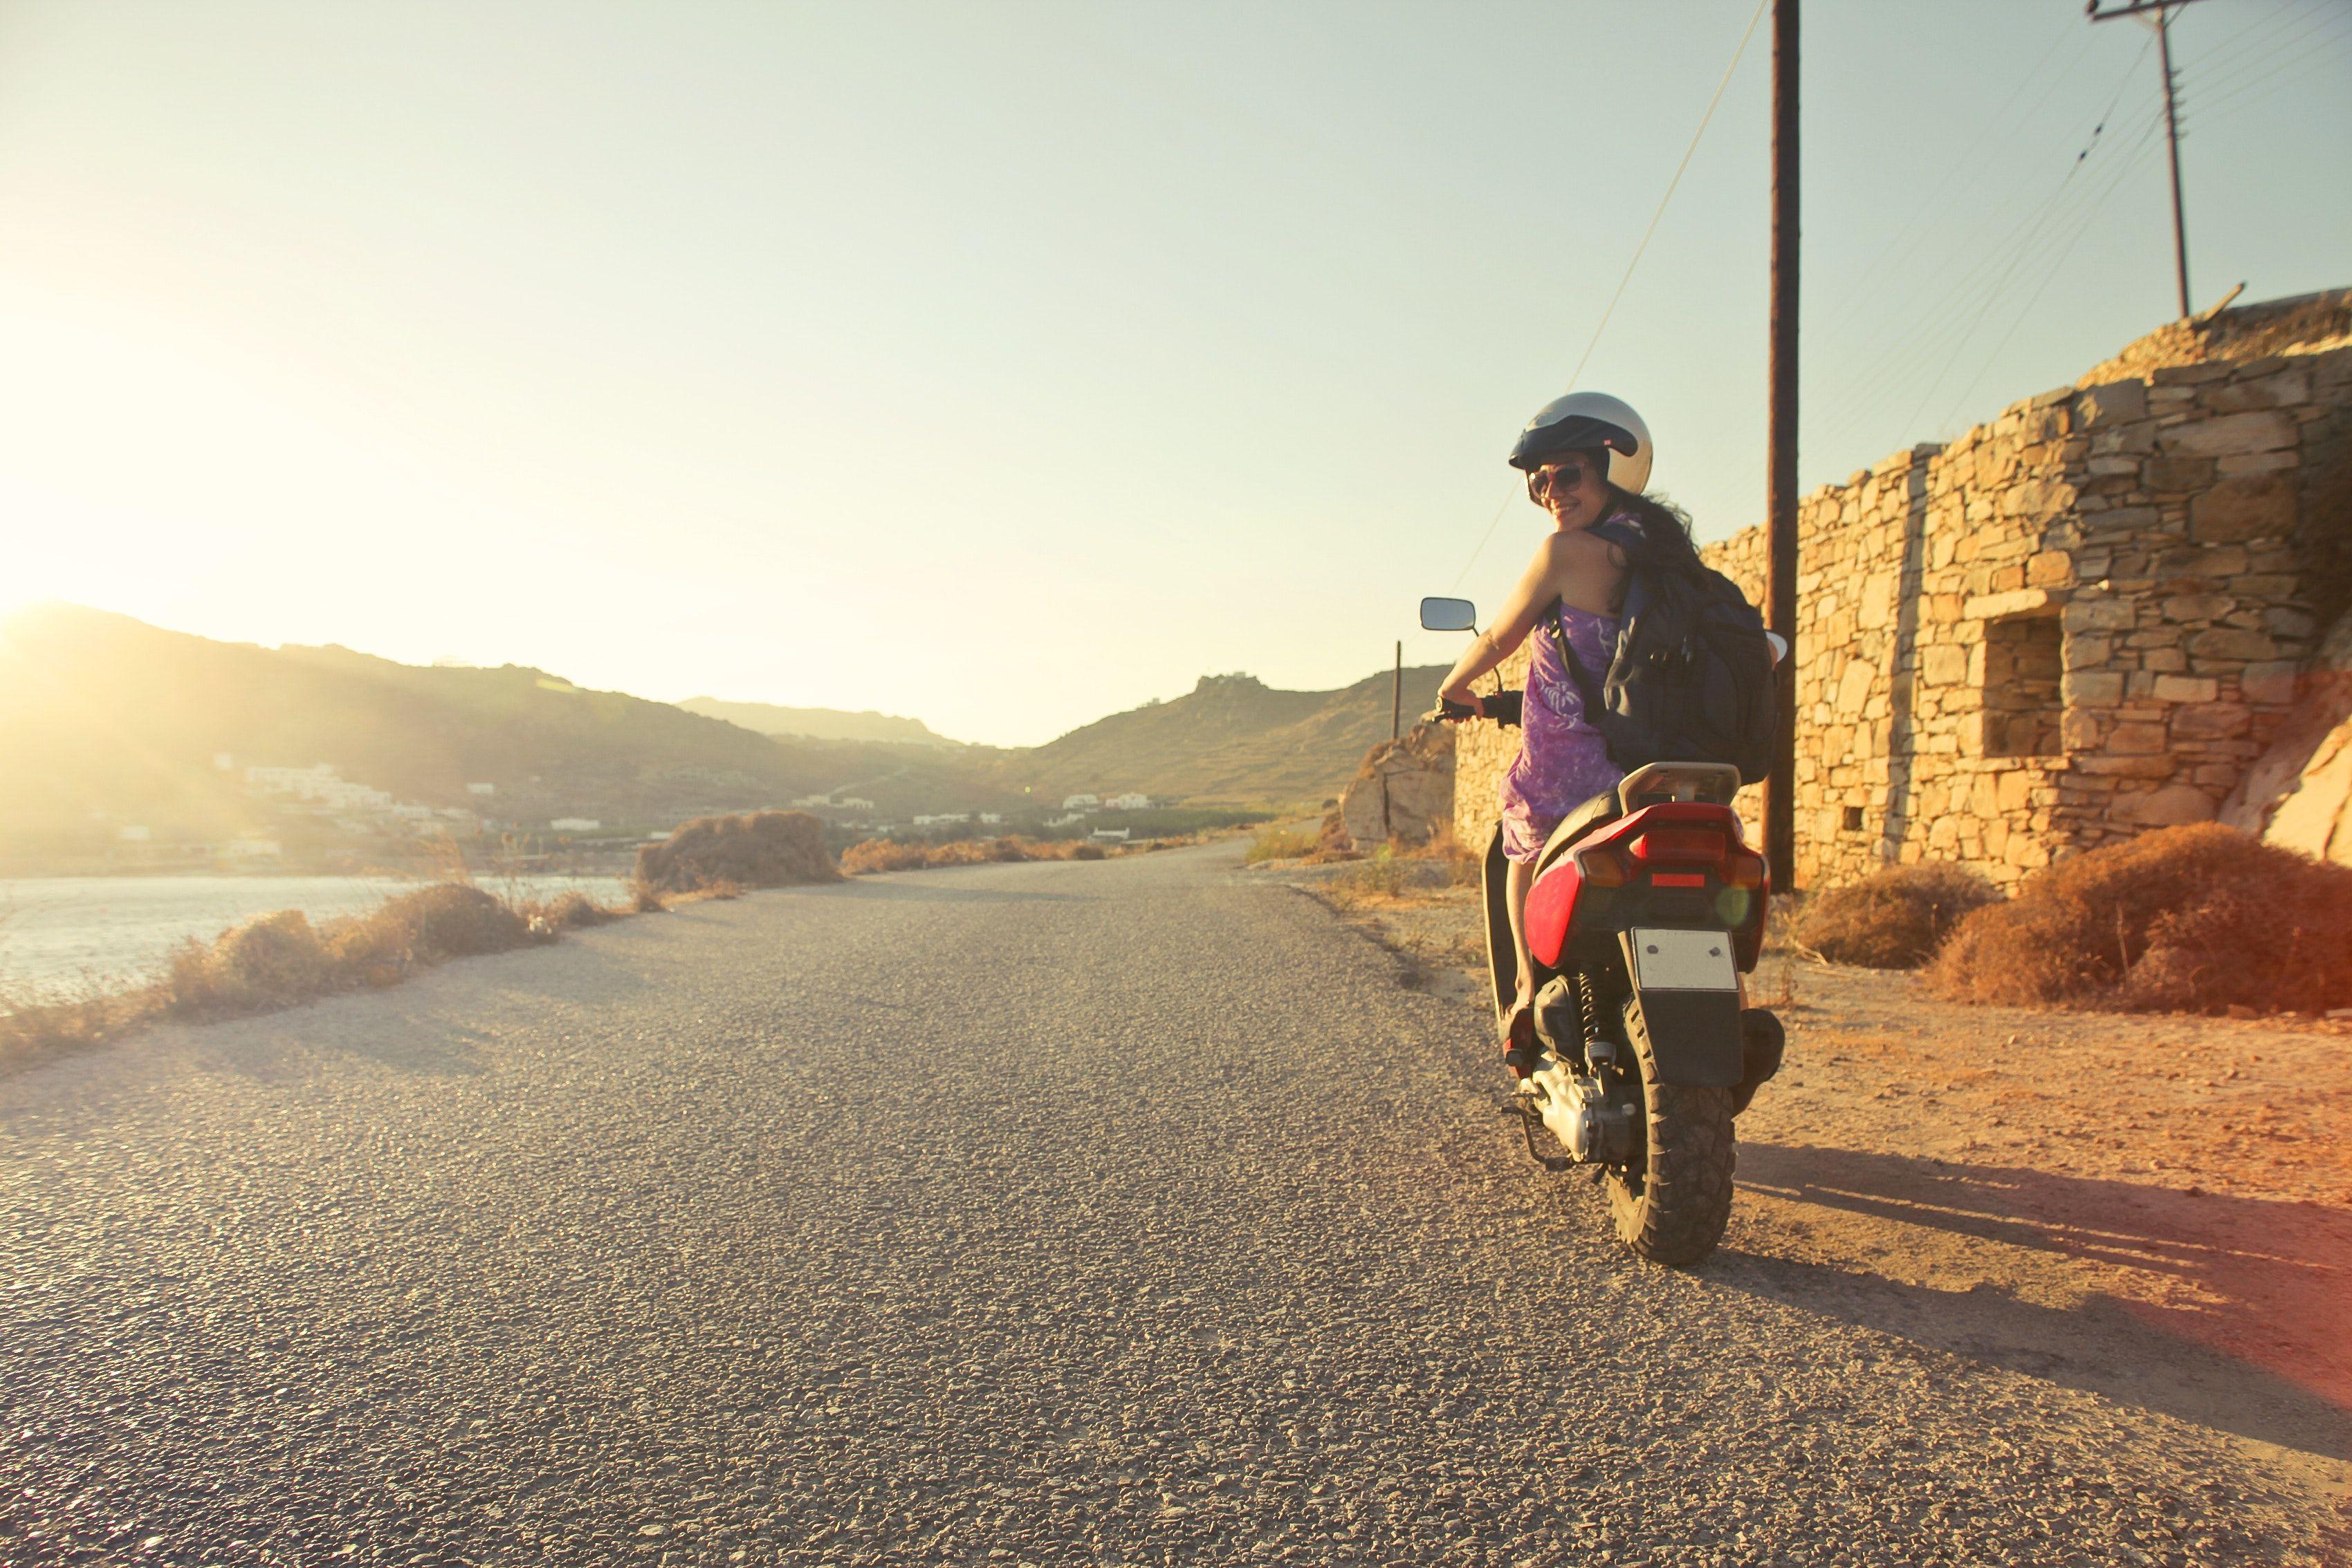 Рейтинг лучших мотоциклов для путешествий в 2021 году